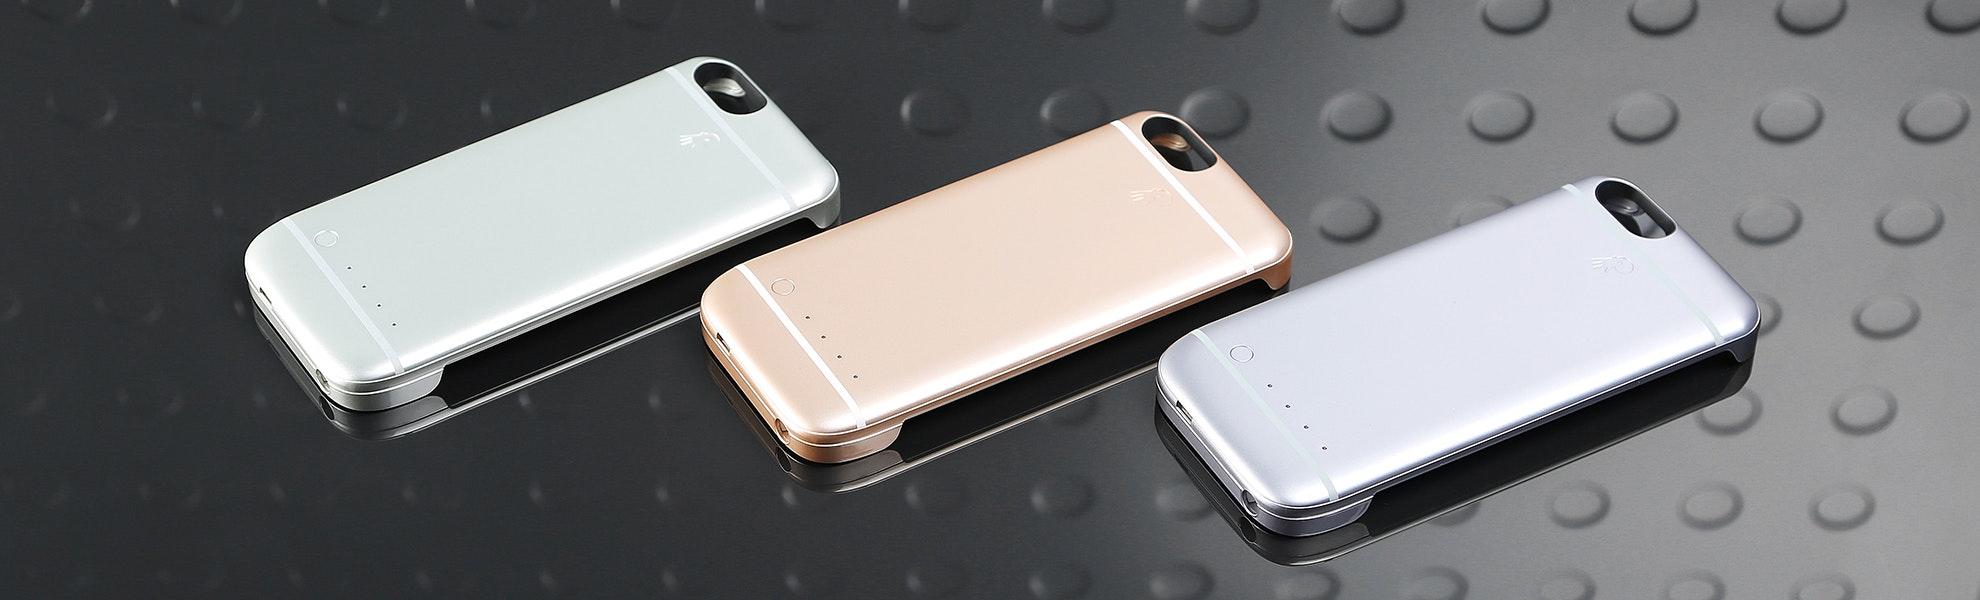 Powerskin iPhone 6 Battery Case